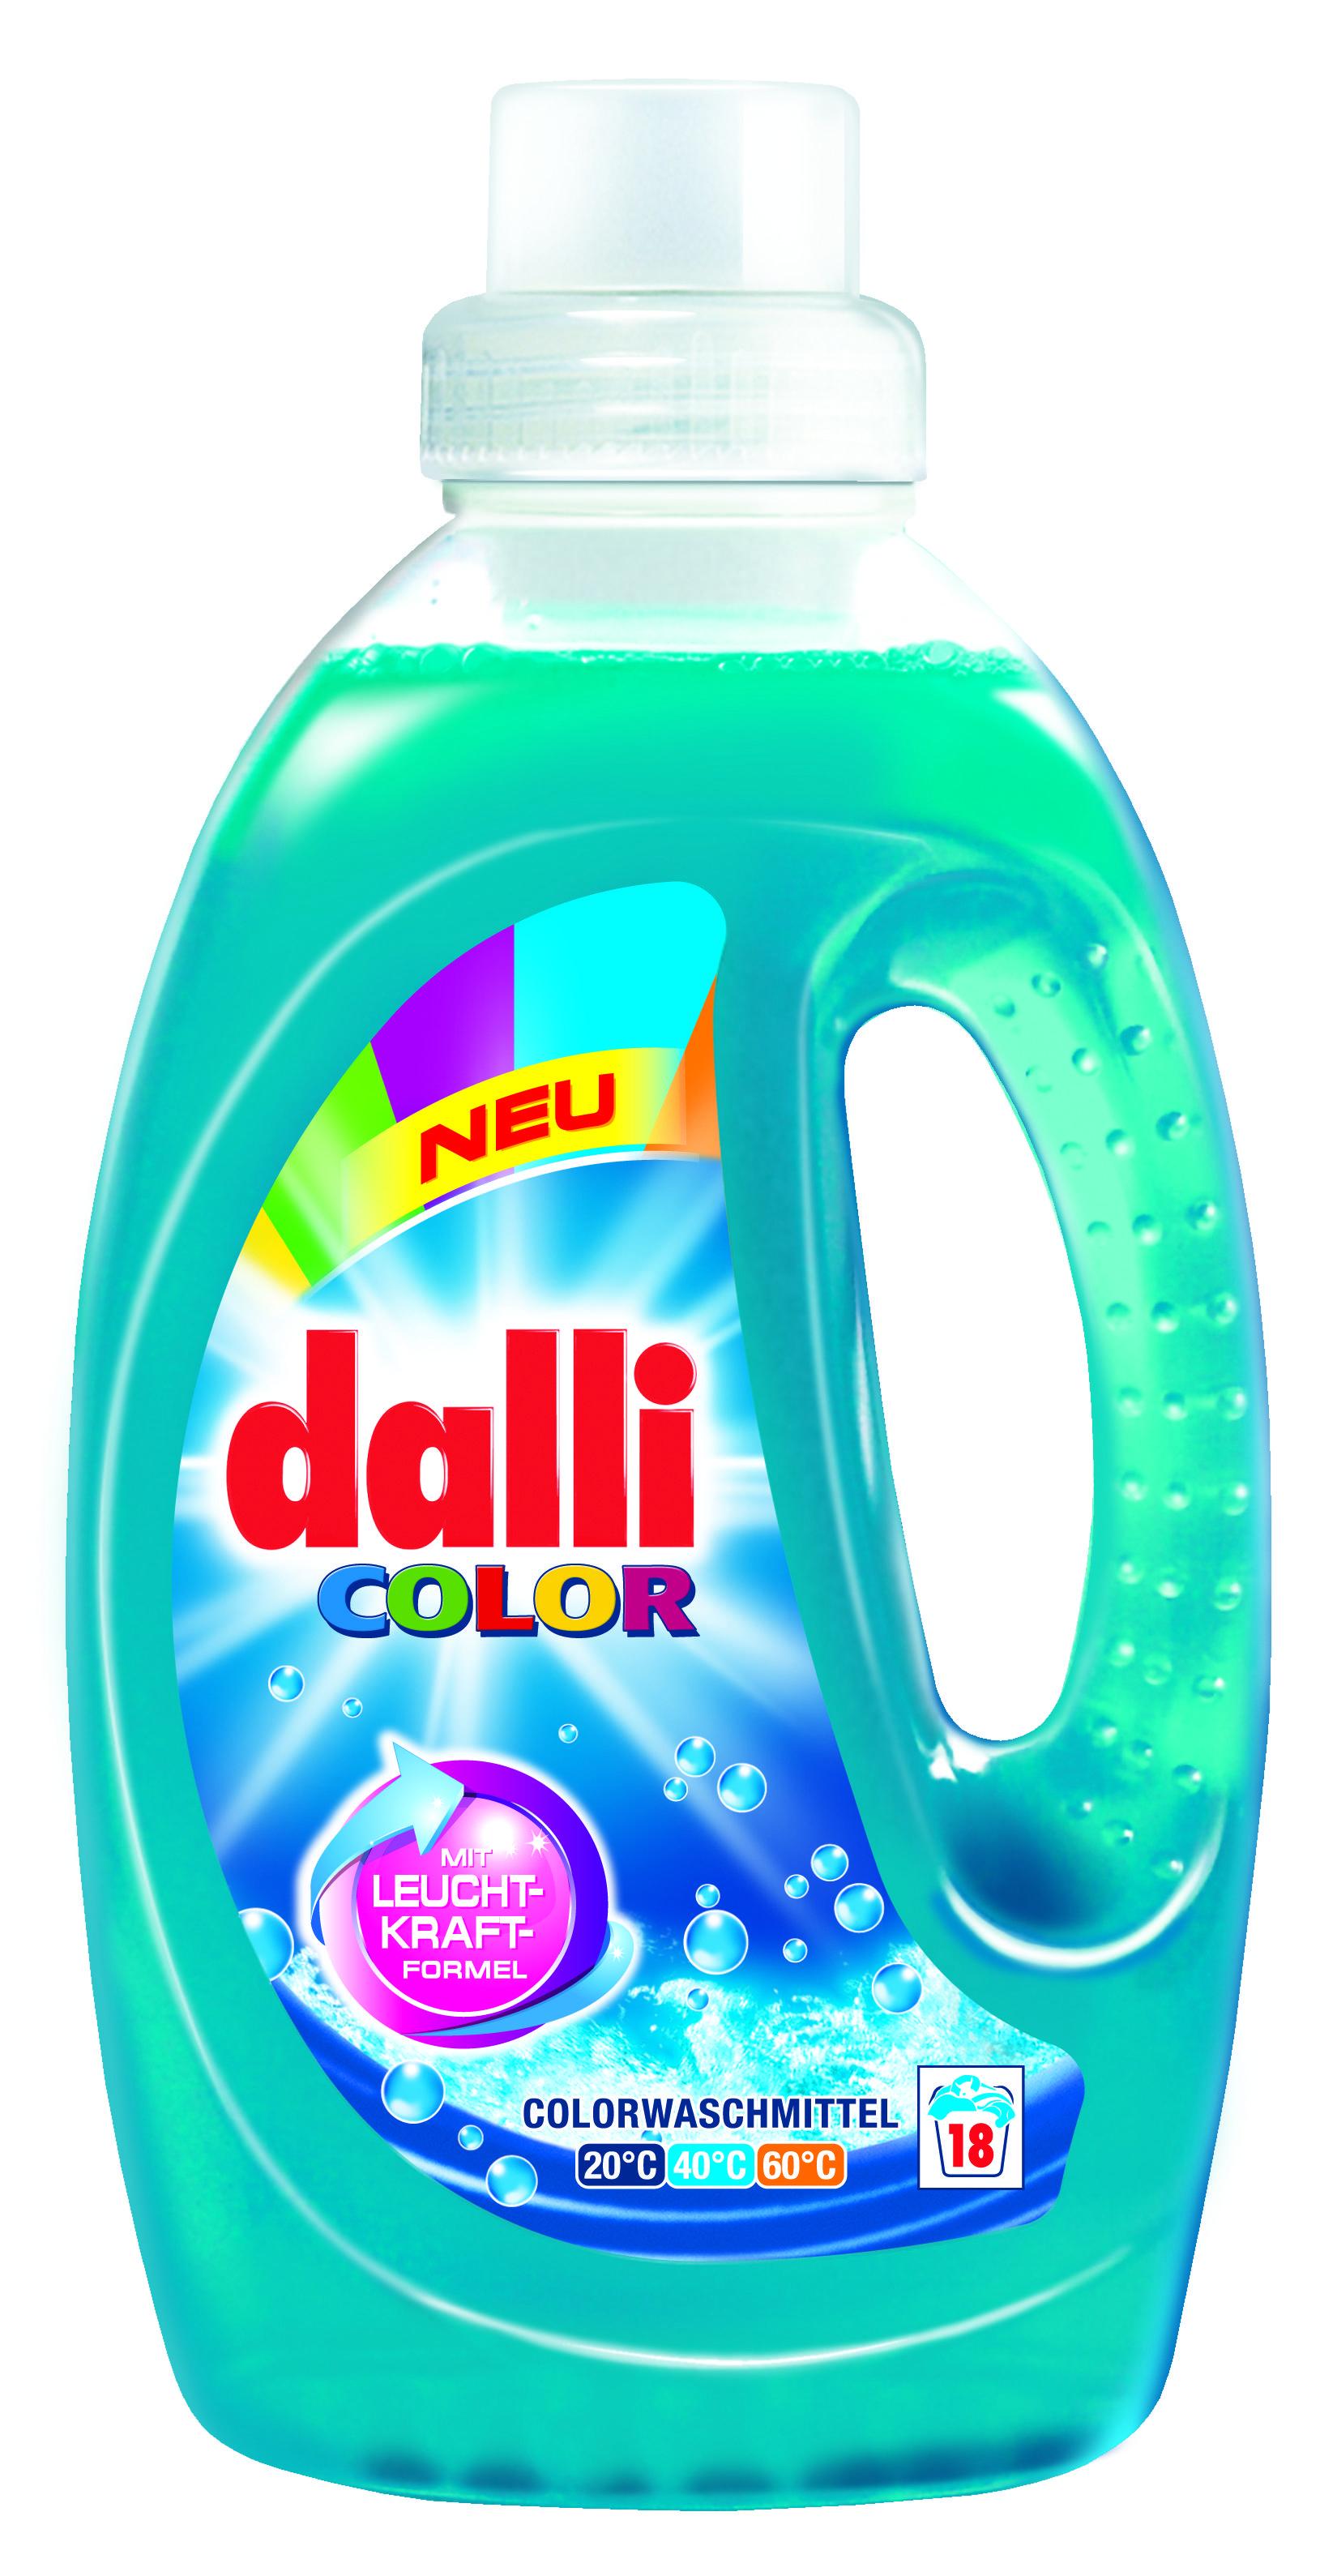 Dalli Color Laundry Detergent Plastic Bottle Design Shampoo